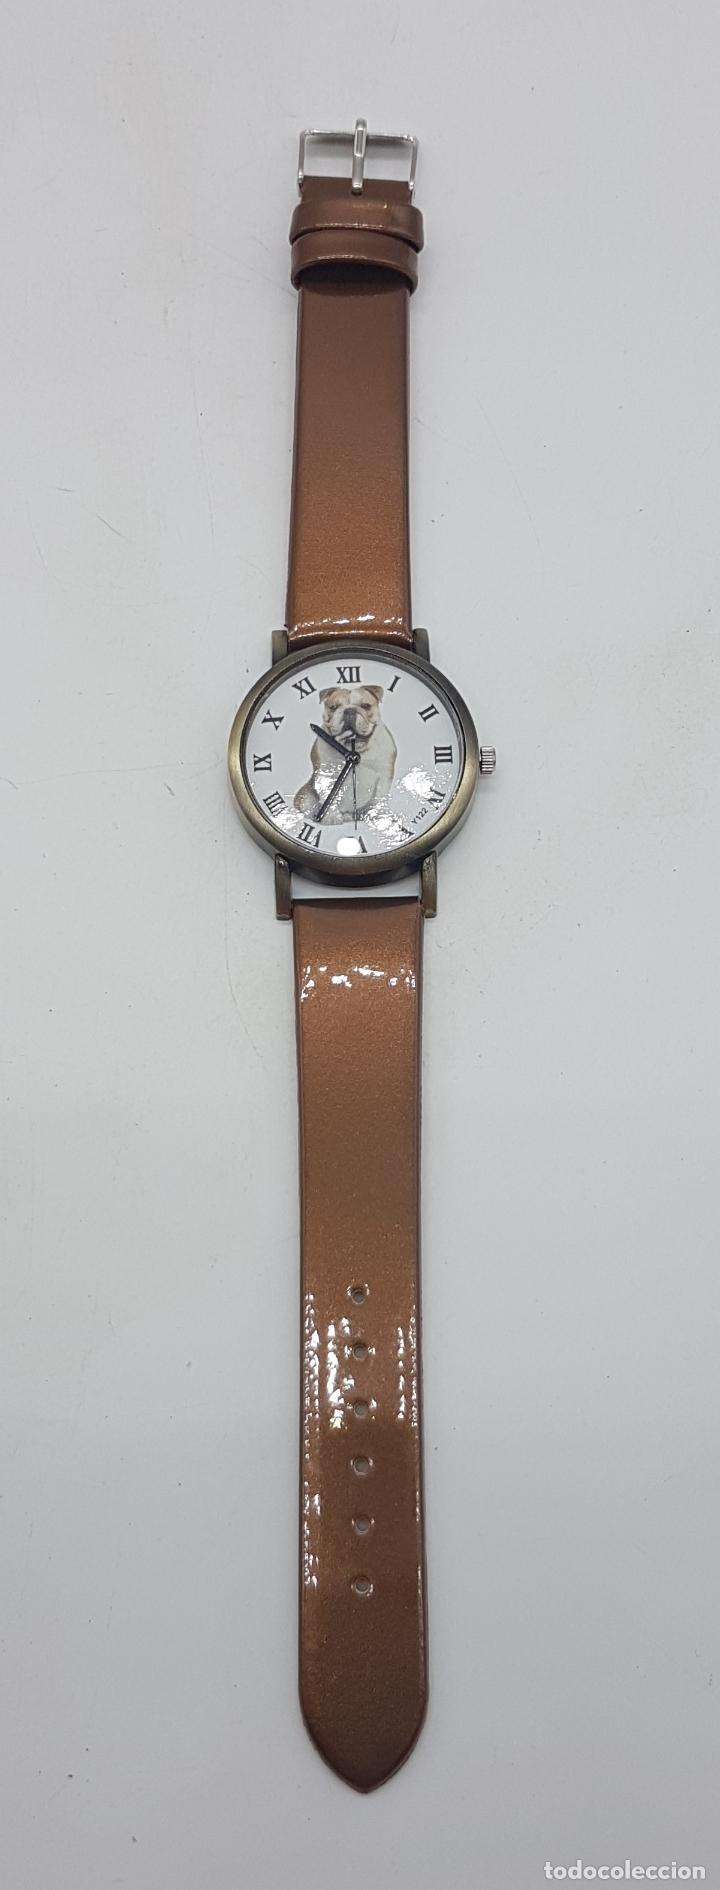 Relojes: Precioso reloj de pulsera con correa marrón y motivo de bulldog inglés. - Foto 3 - 127625459